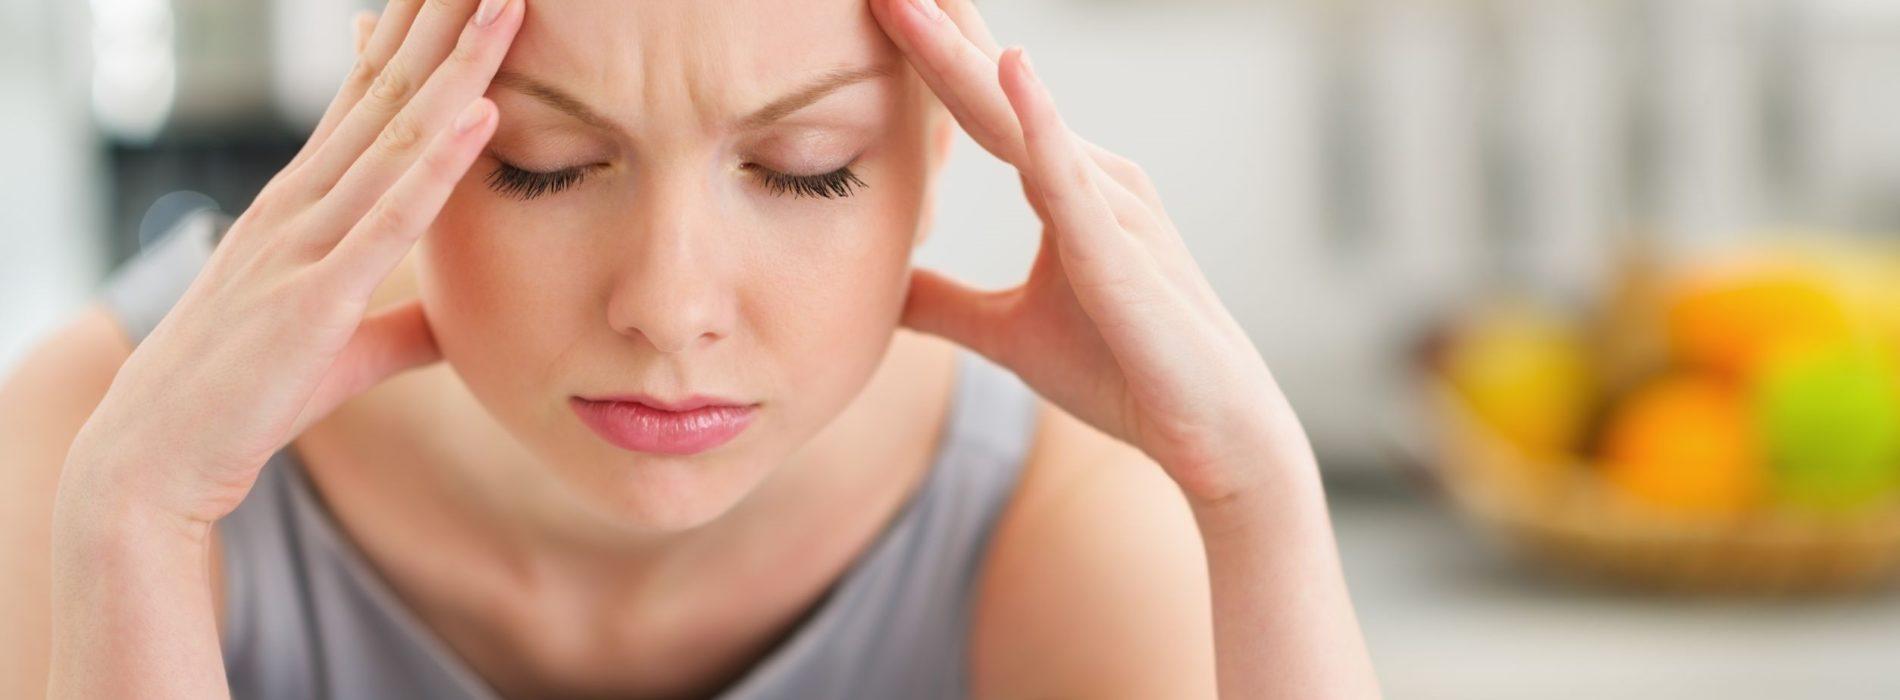 Stosowanie olejków CBD w przypadku migreny i bólu głowy